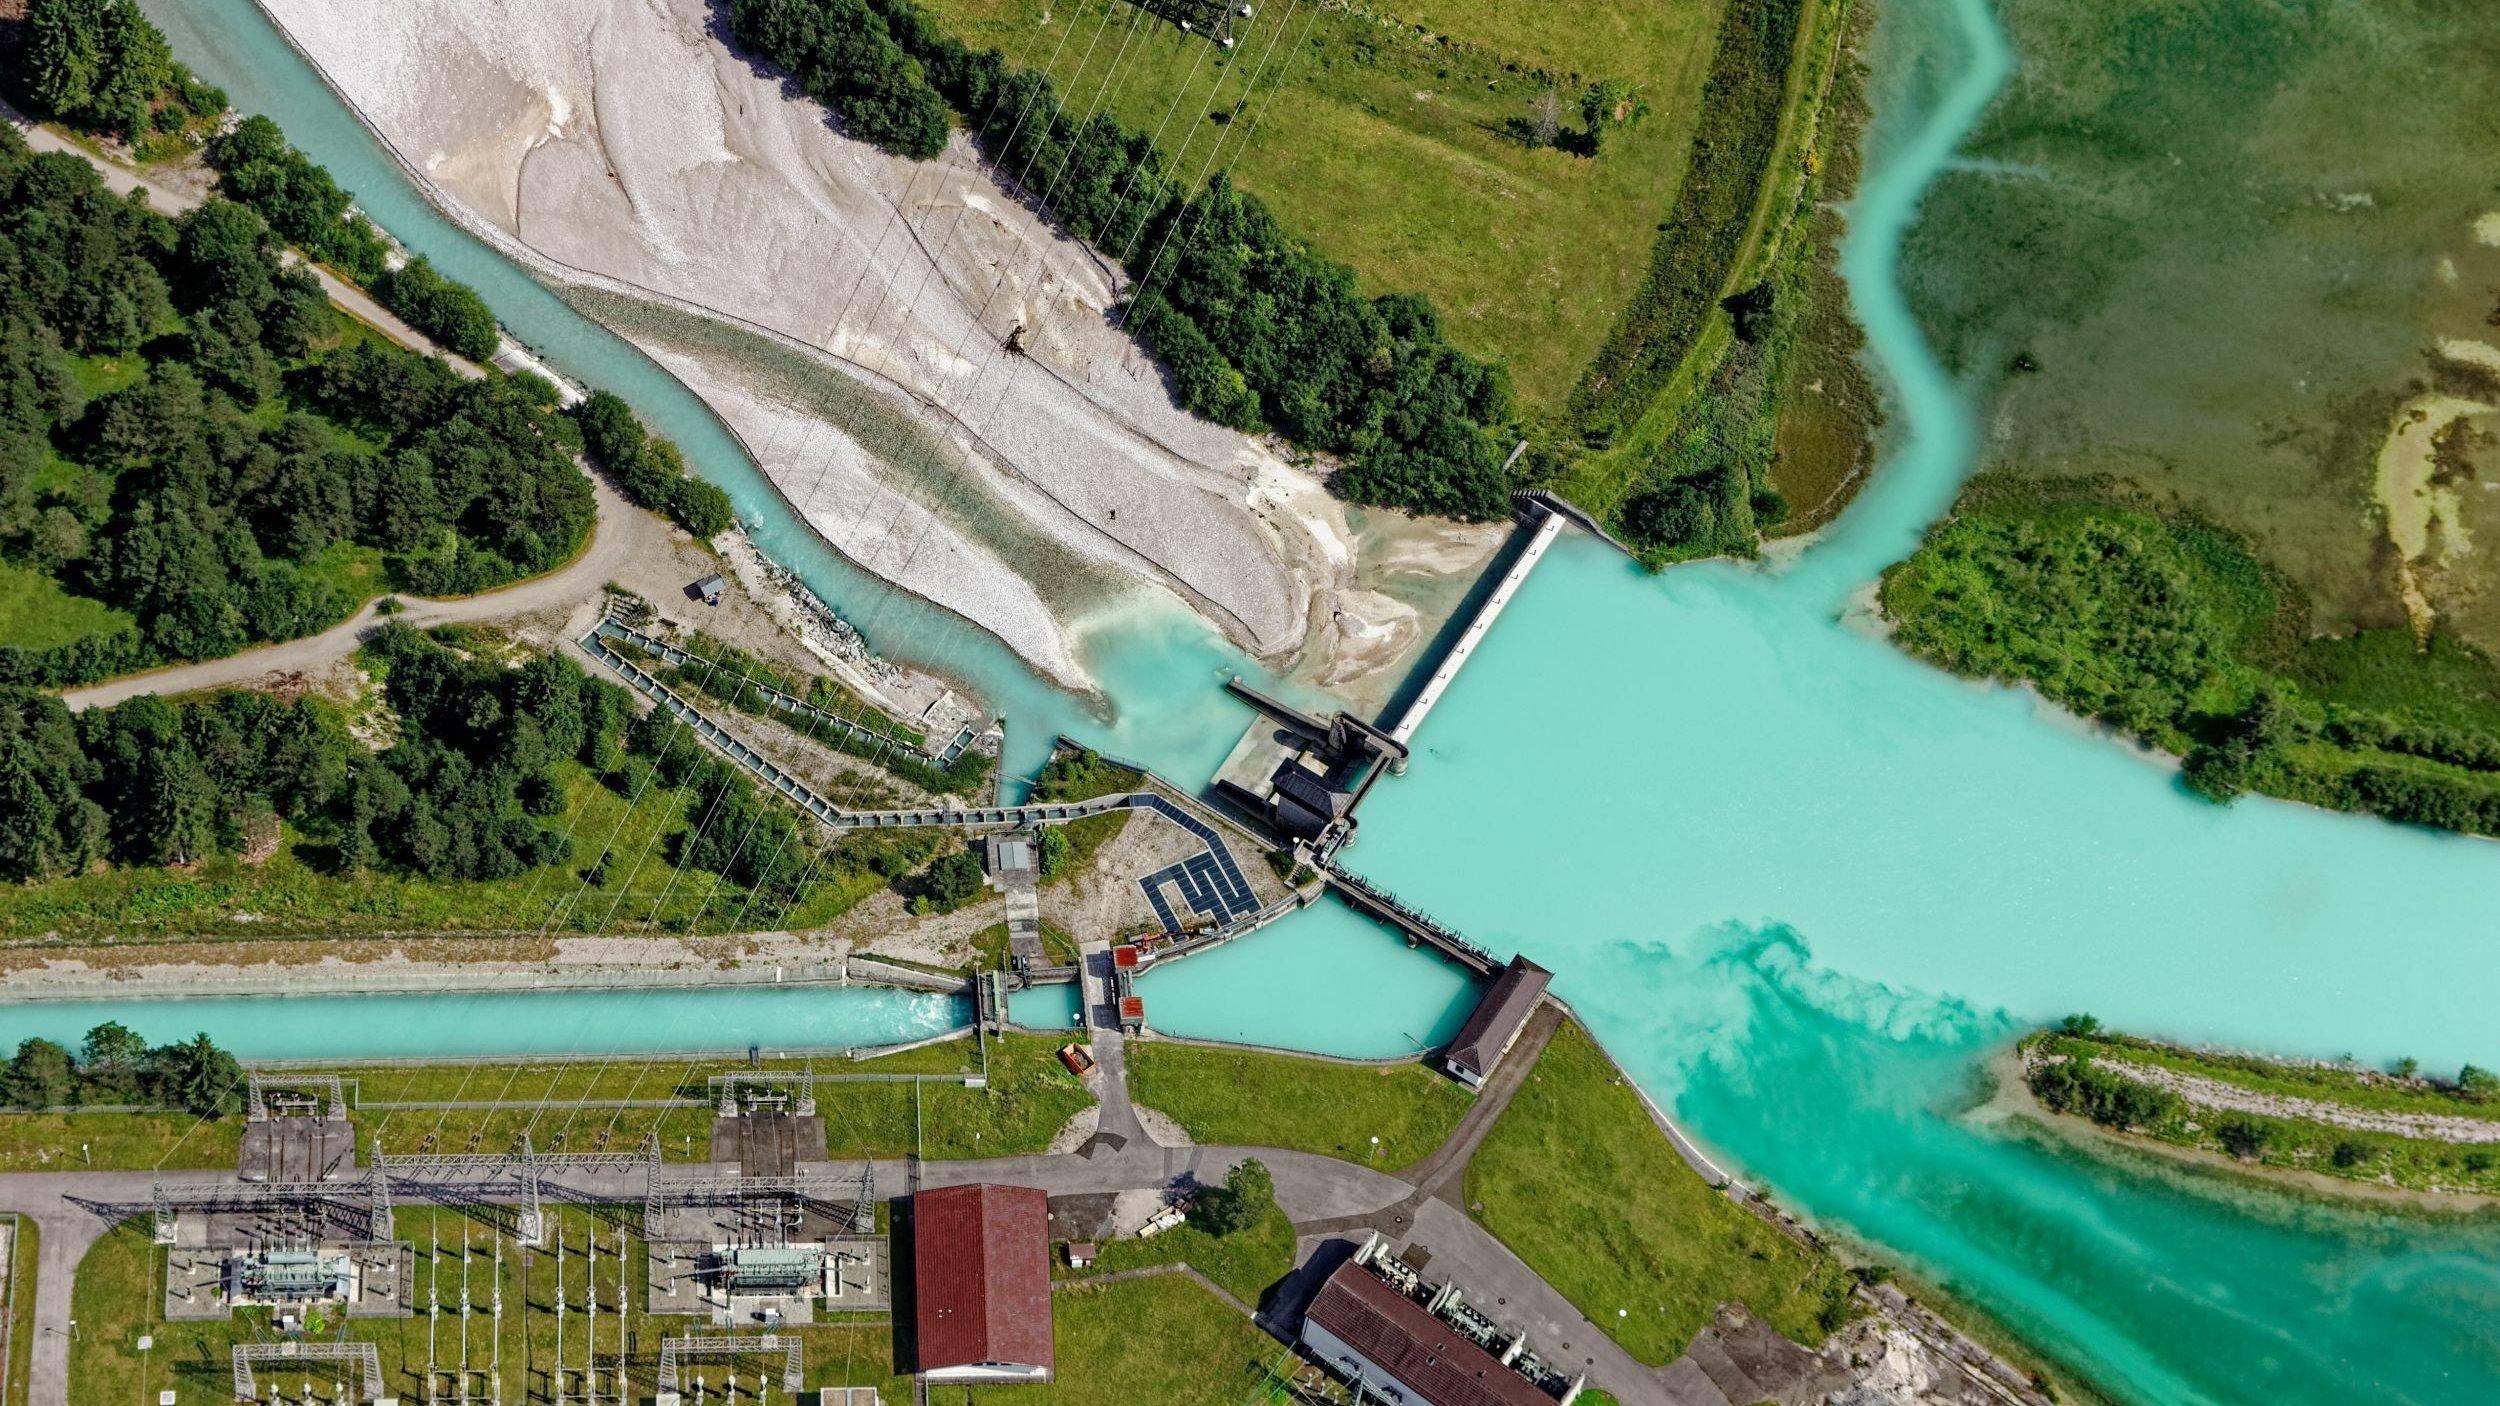 Isar- Stauwehr bei Krün im Bundesland Bayern. Neben der Staustufe die Fischtreppe und der Isarstausee.